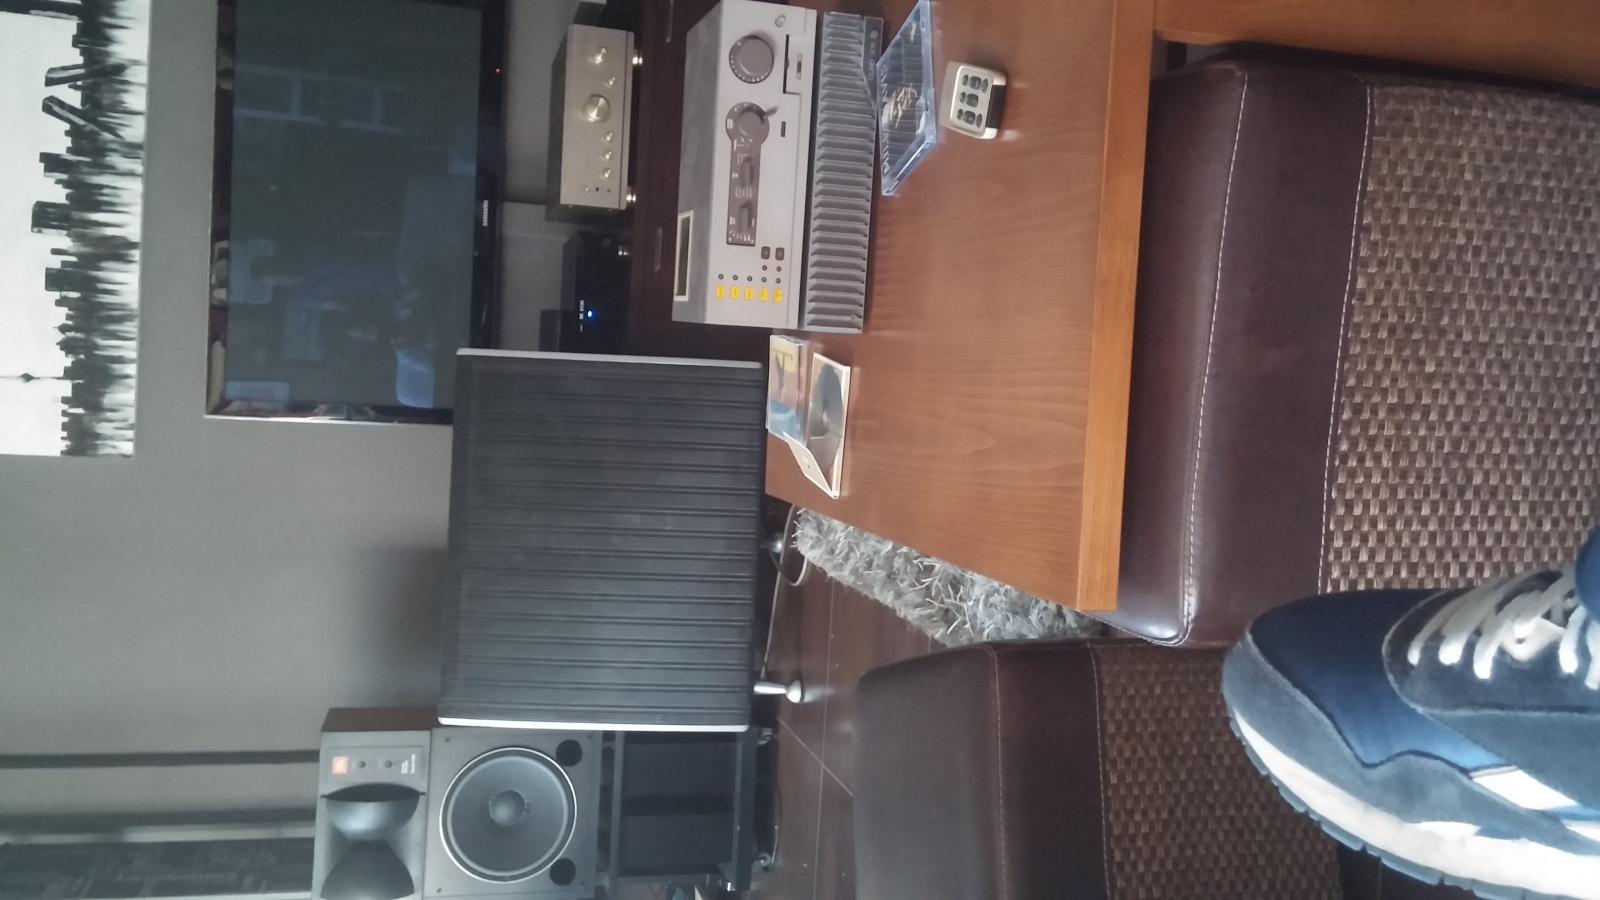 ¿Tono Azul de los monitores JBL? 20za6wm